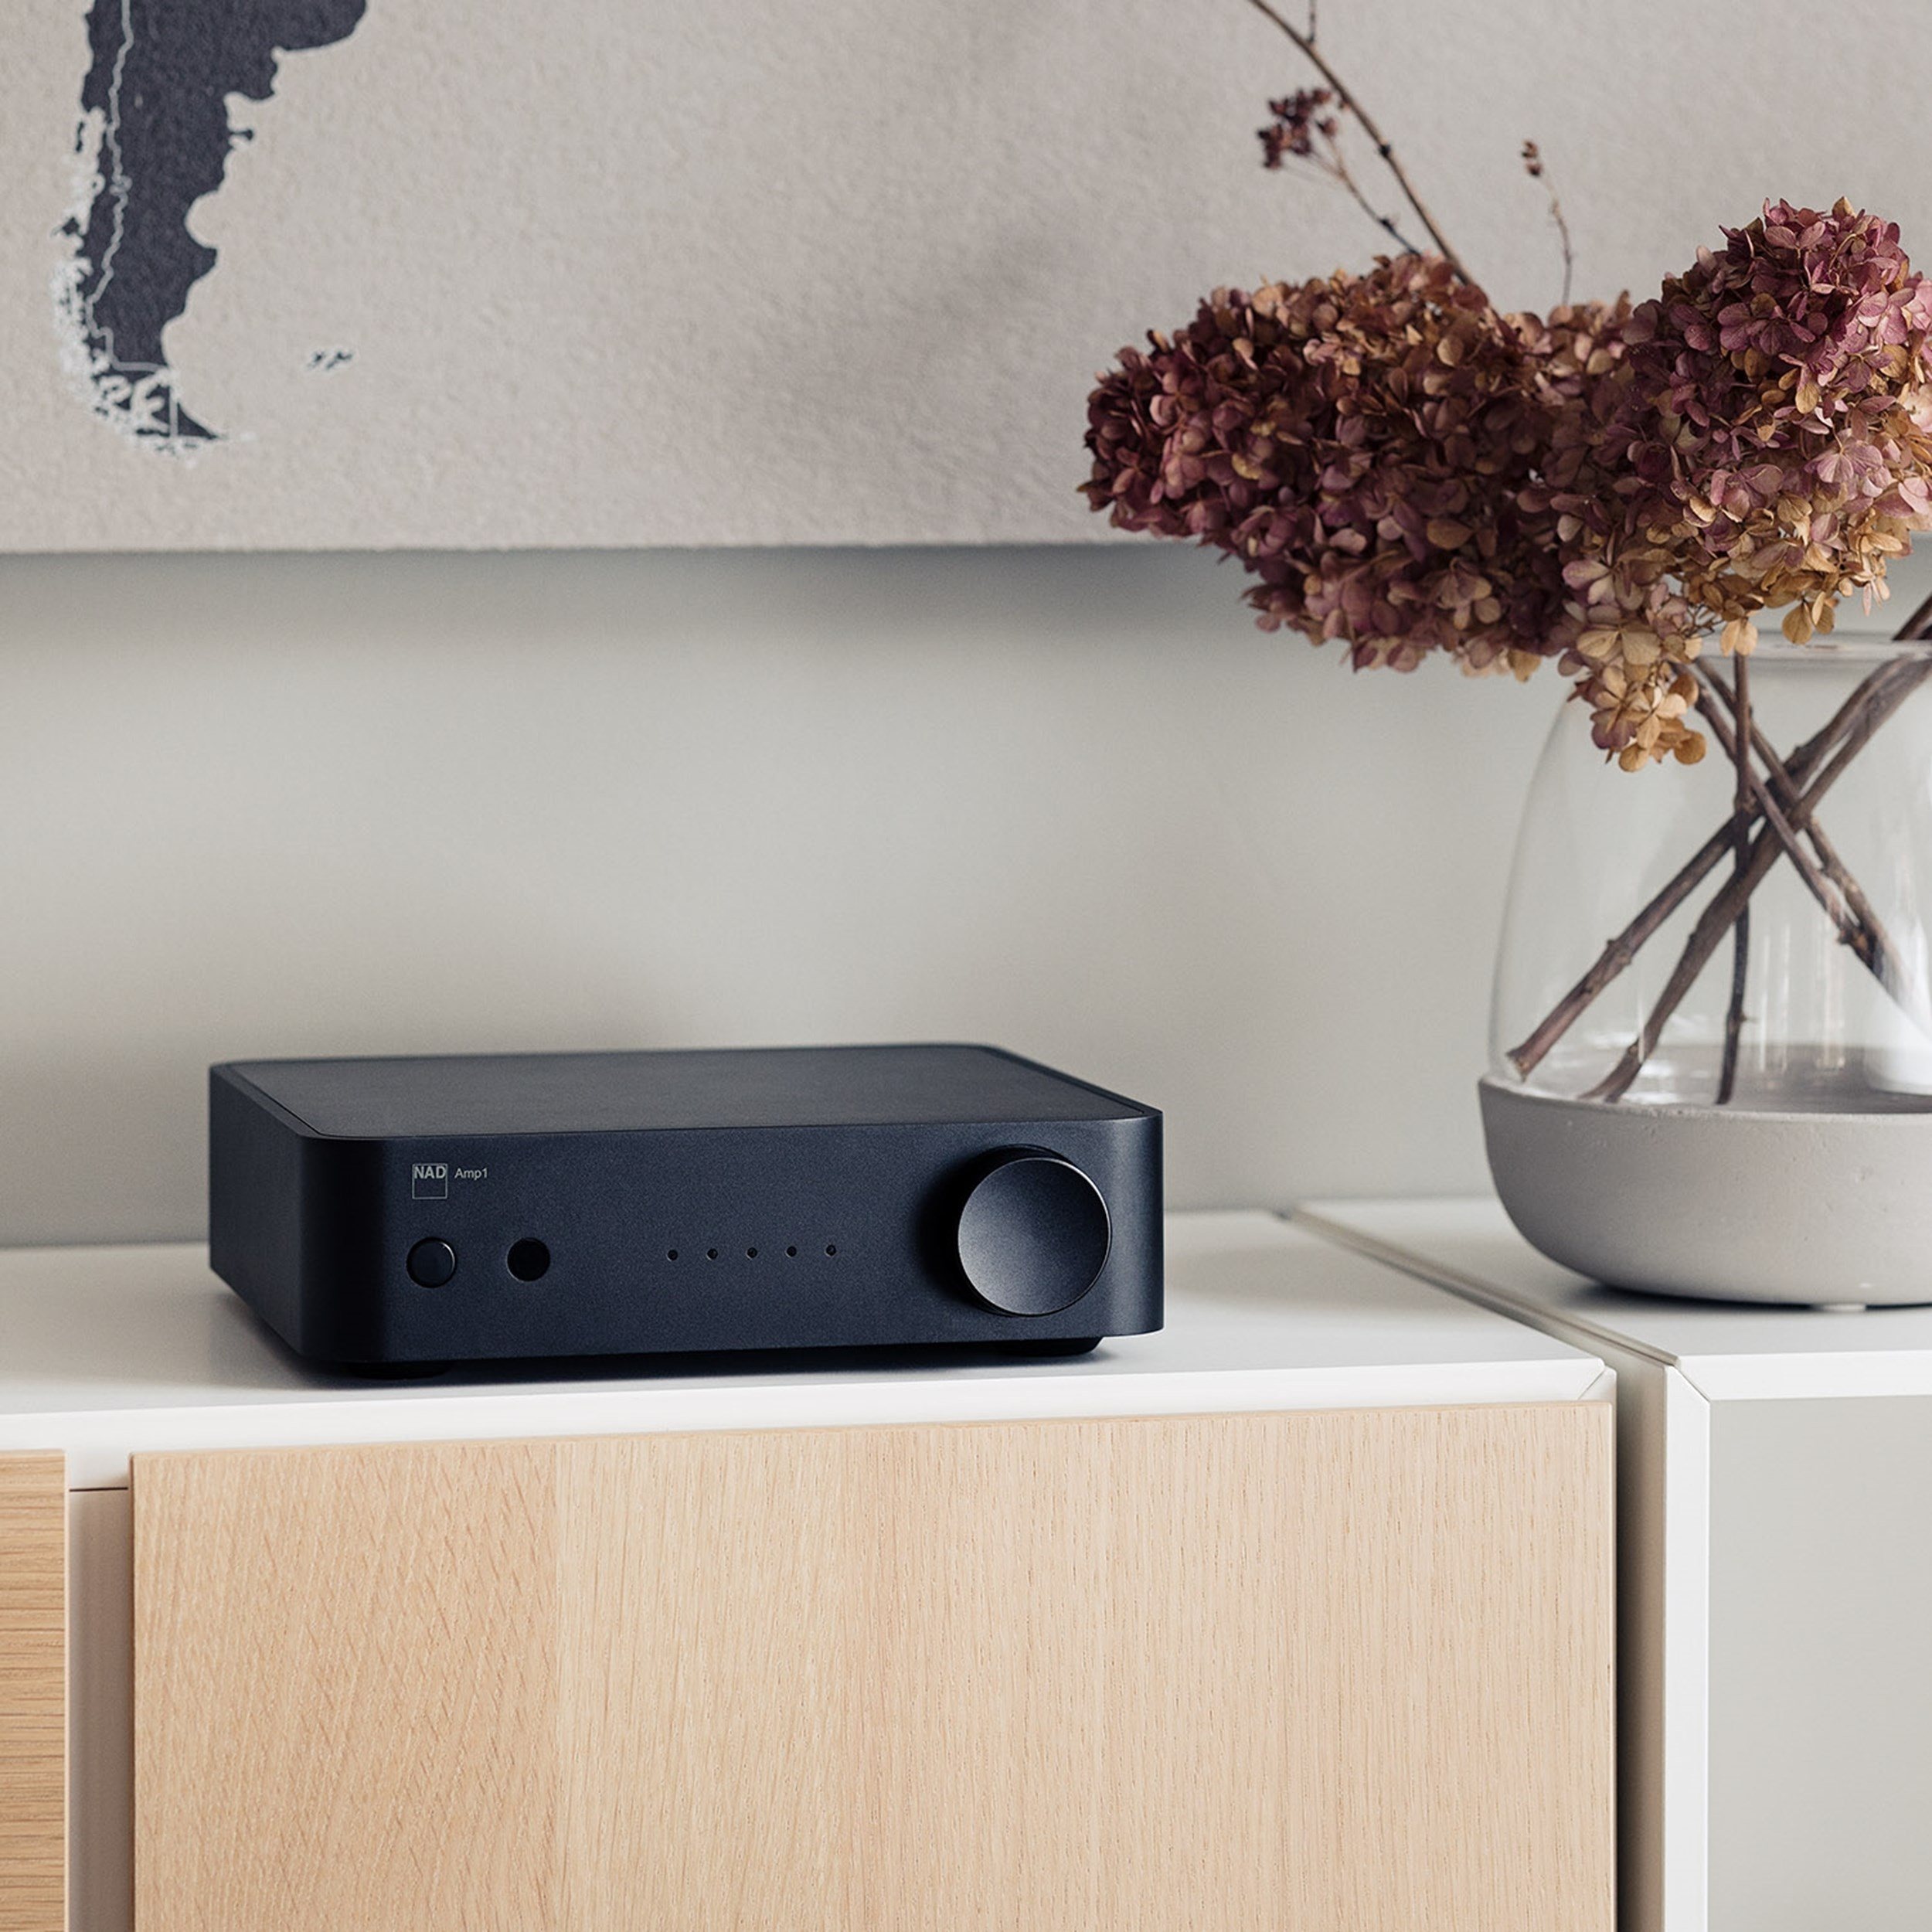 NAD AMP1 Stereoförstärkare med streaming